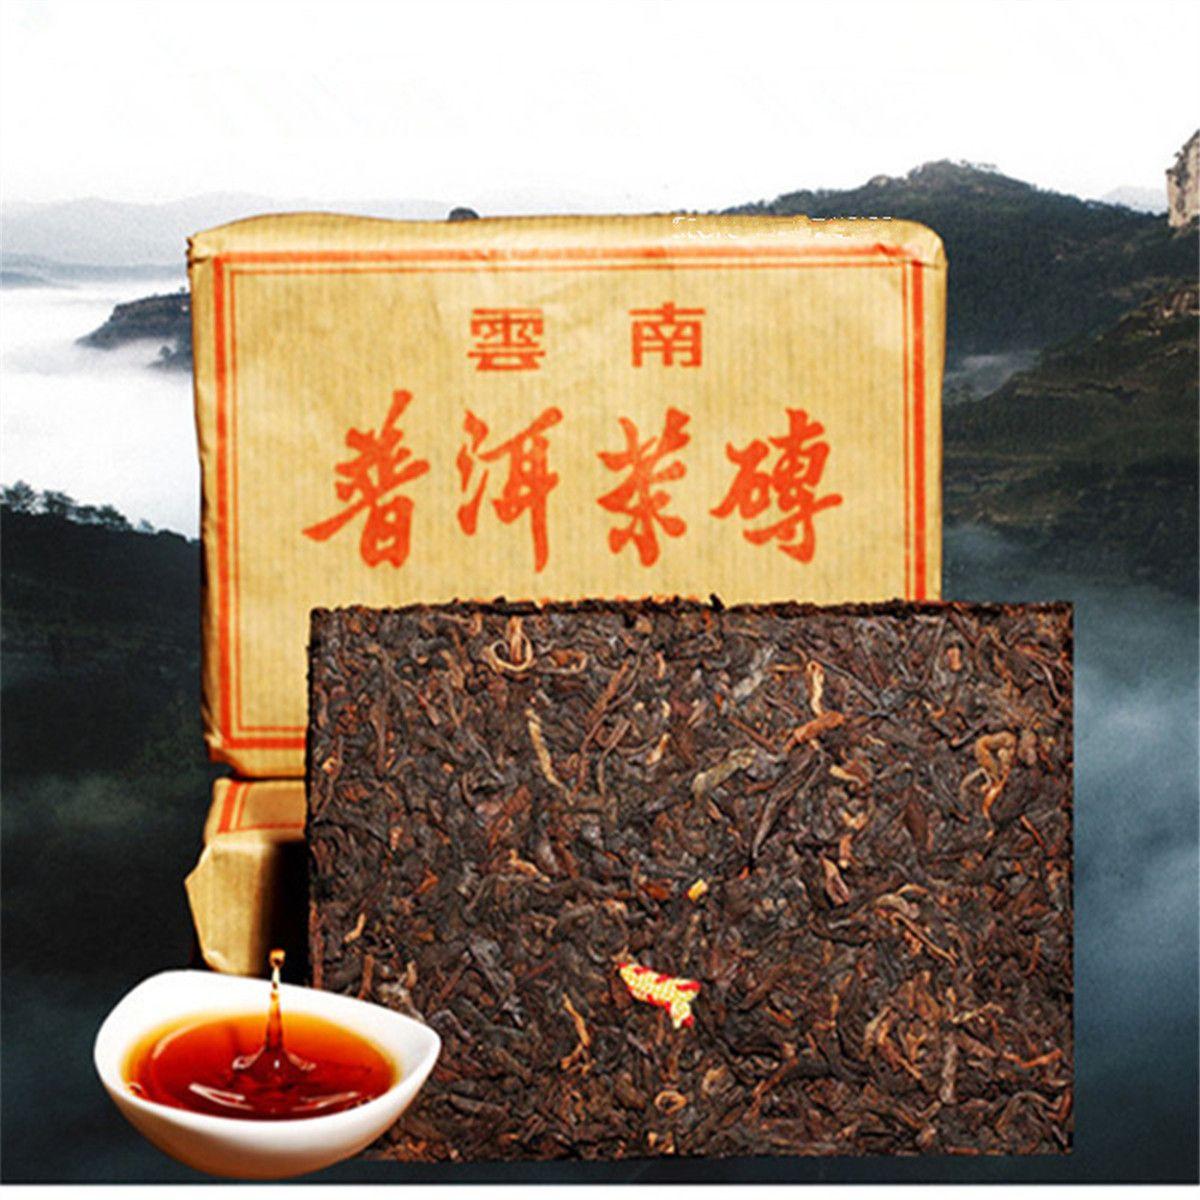 Promosyon 100g Yunnan Geleneksel Mat-kırmızı Puer Çay Tuğla Olgun Pu Er Çay Organik Doğal Siyah Pu'er Çay Tuğla Eski Ağacı Puer Pişmiş